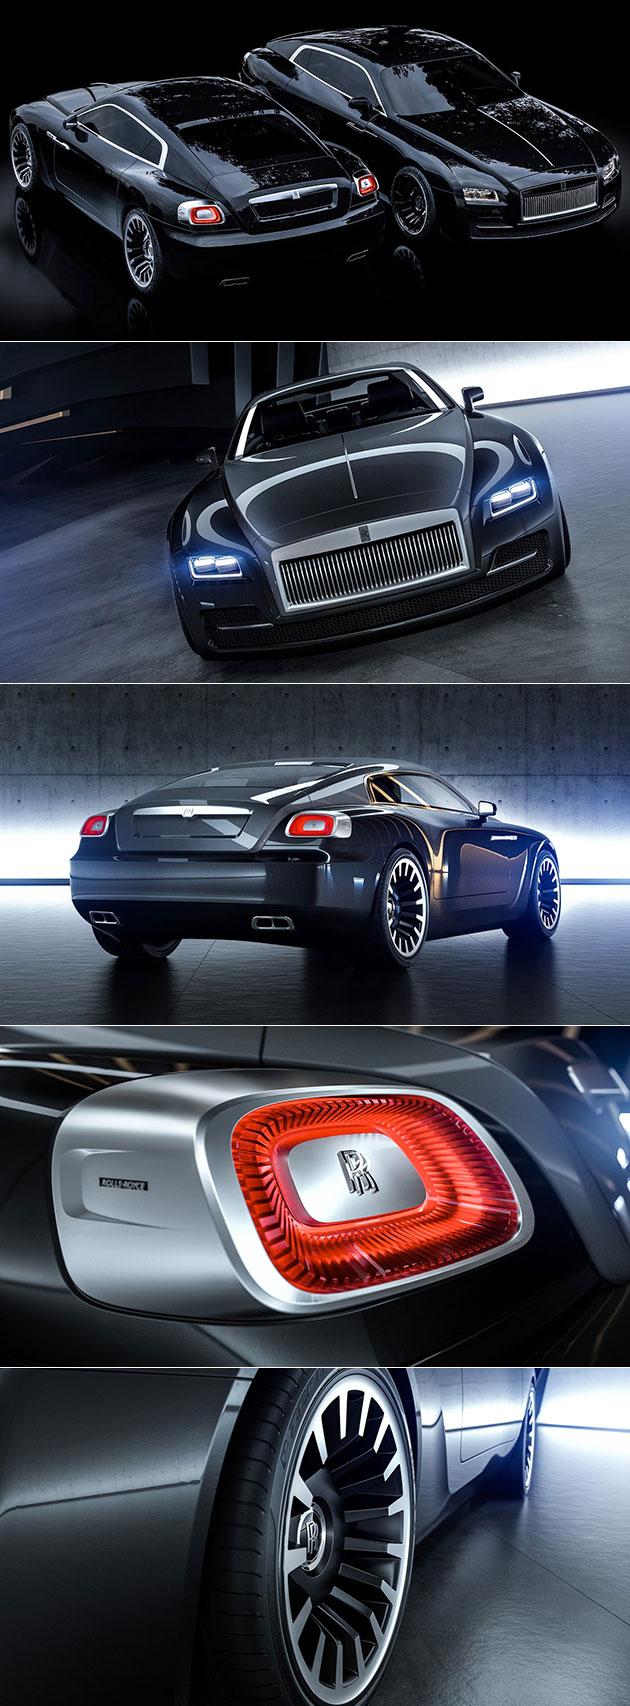 2020 Rolls-Royce Wraith Coupe